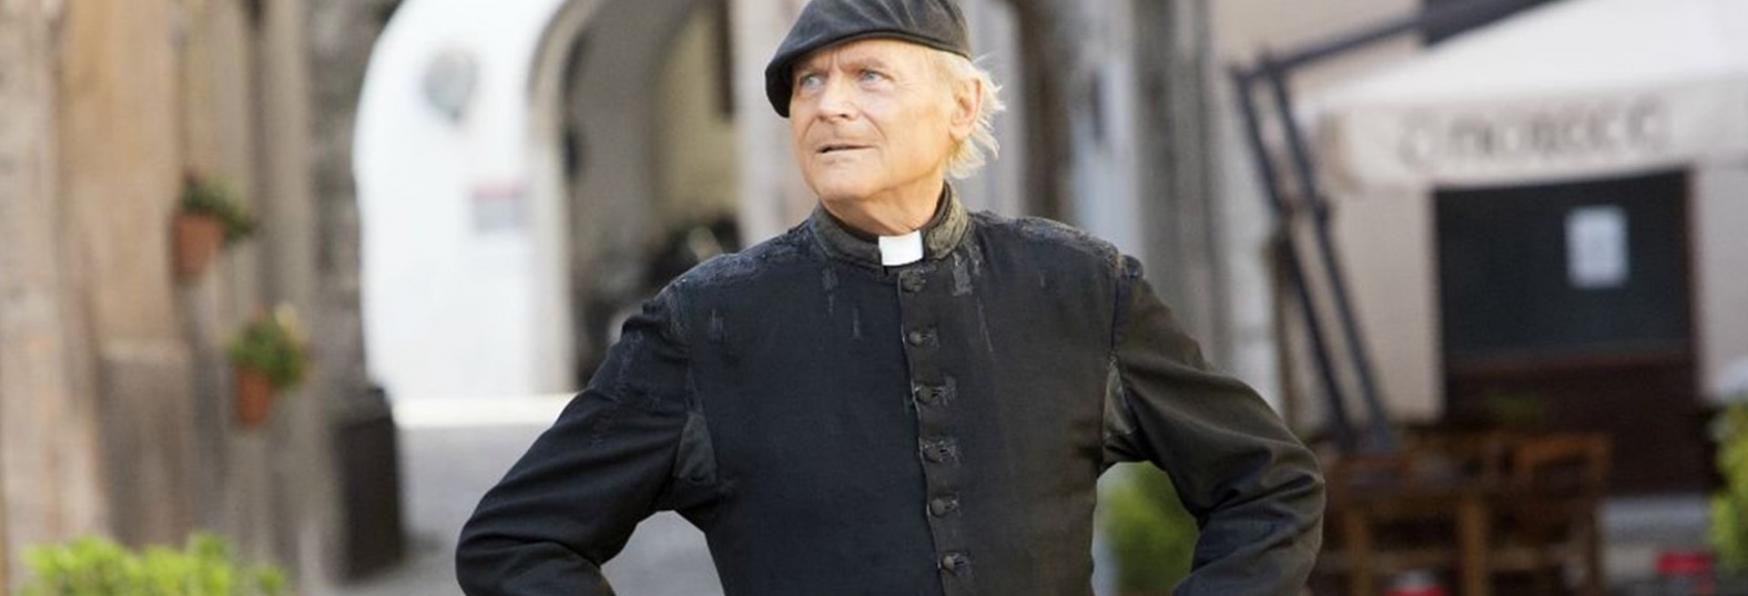 Don Matteo 13: Terence Hill lascia la Serie TV, ecco da chi sarà Sostituito